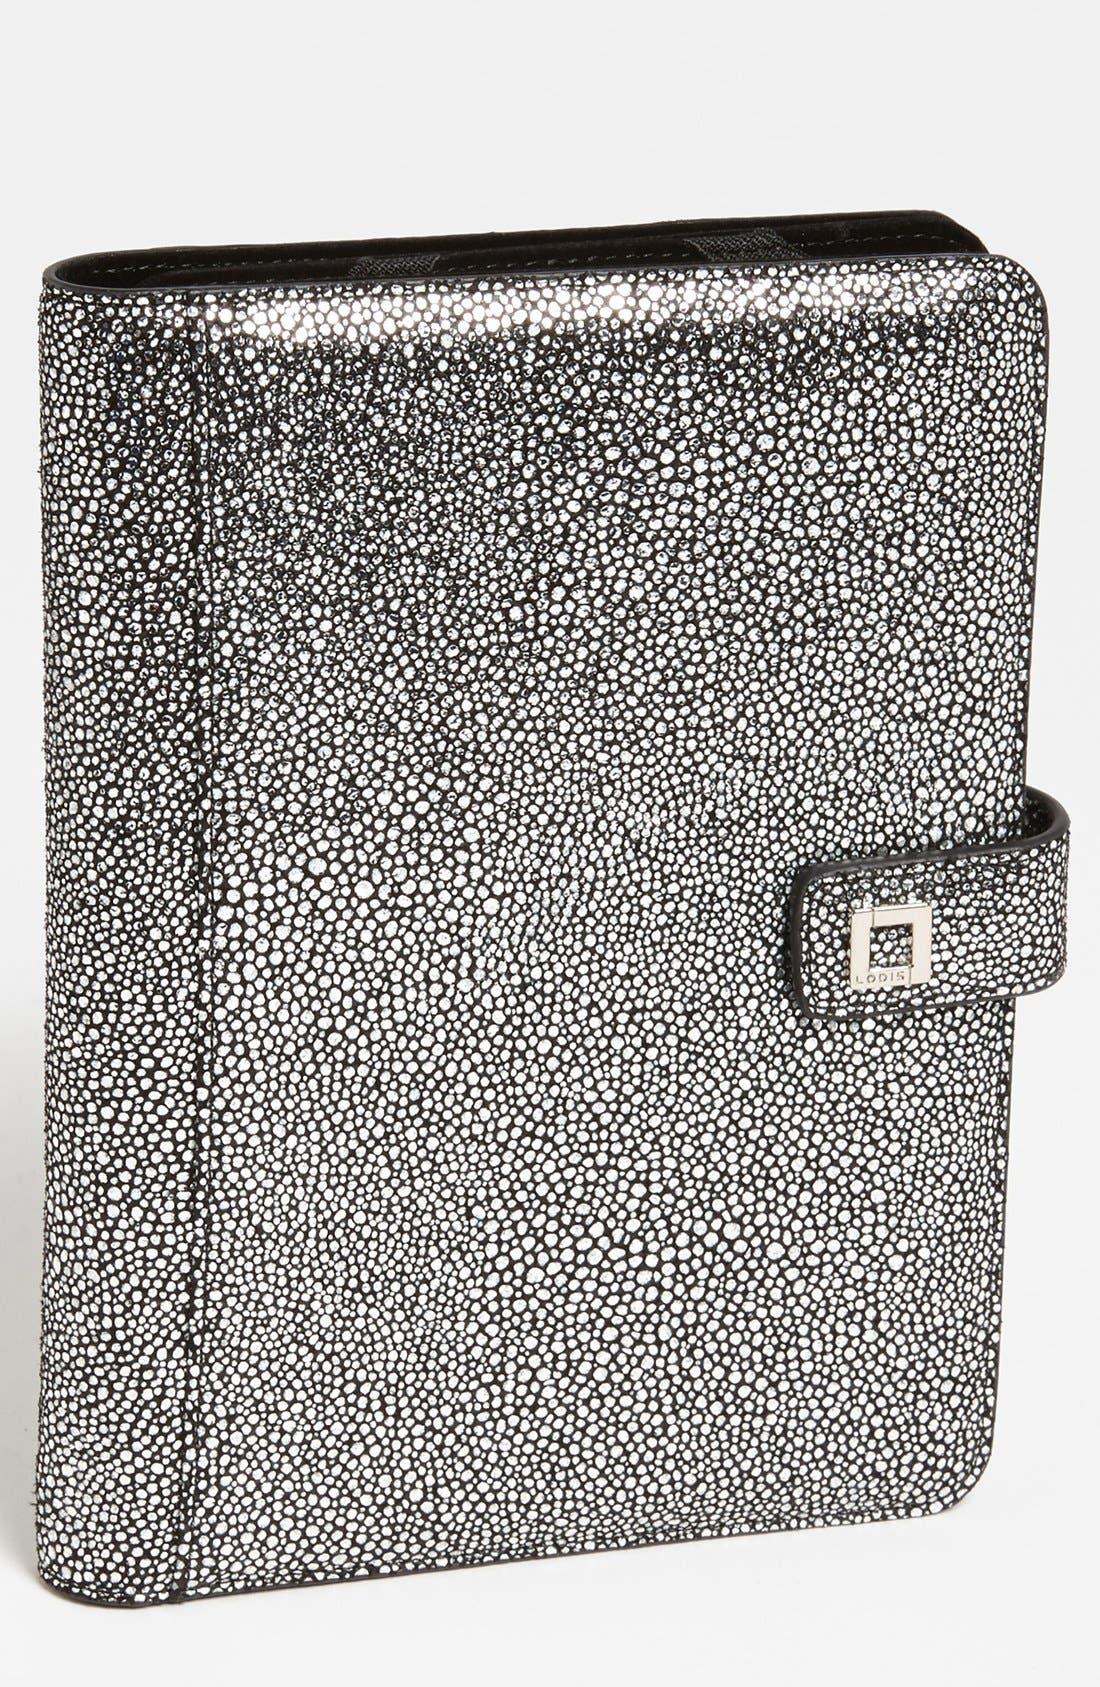 Main Image - Lodis 'Fairfax Avenue - Willow' iPad mini Easel